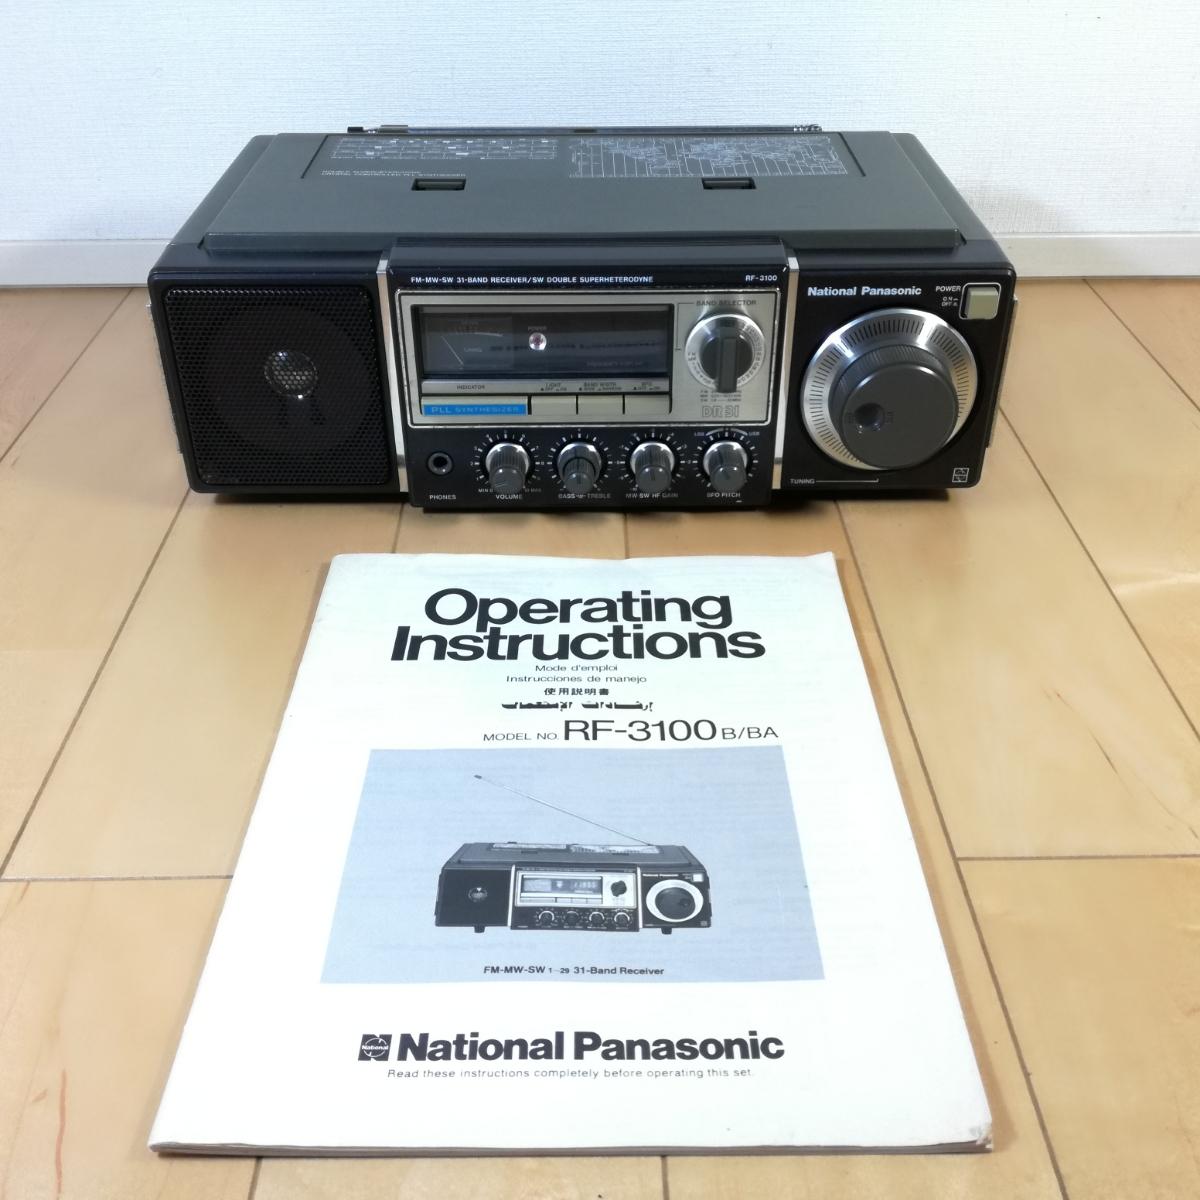 美品!! 動作確認済!! National Panasonic FM-MW-SW 31バンドレシーバー RF-3100 アンティークラジオ _画像1